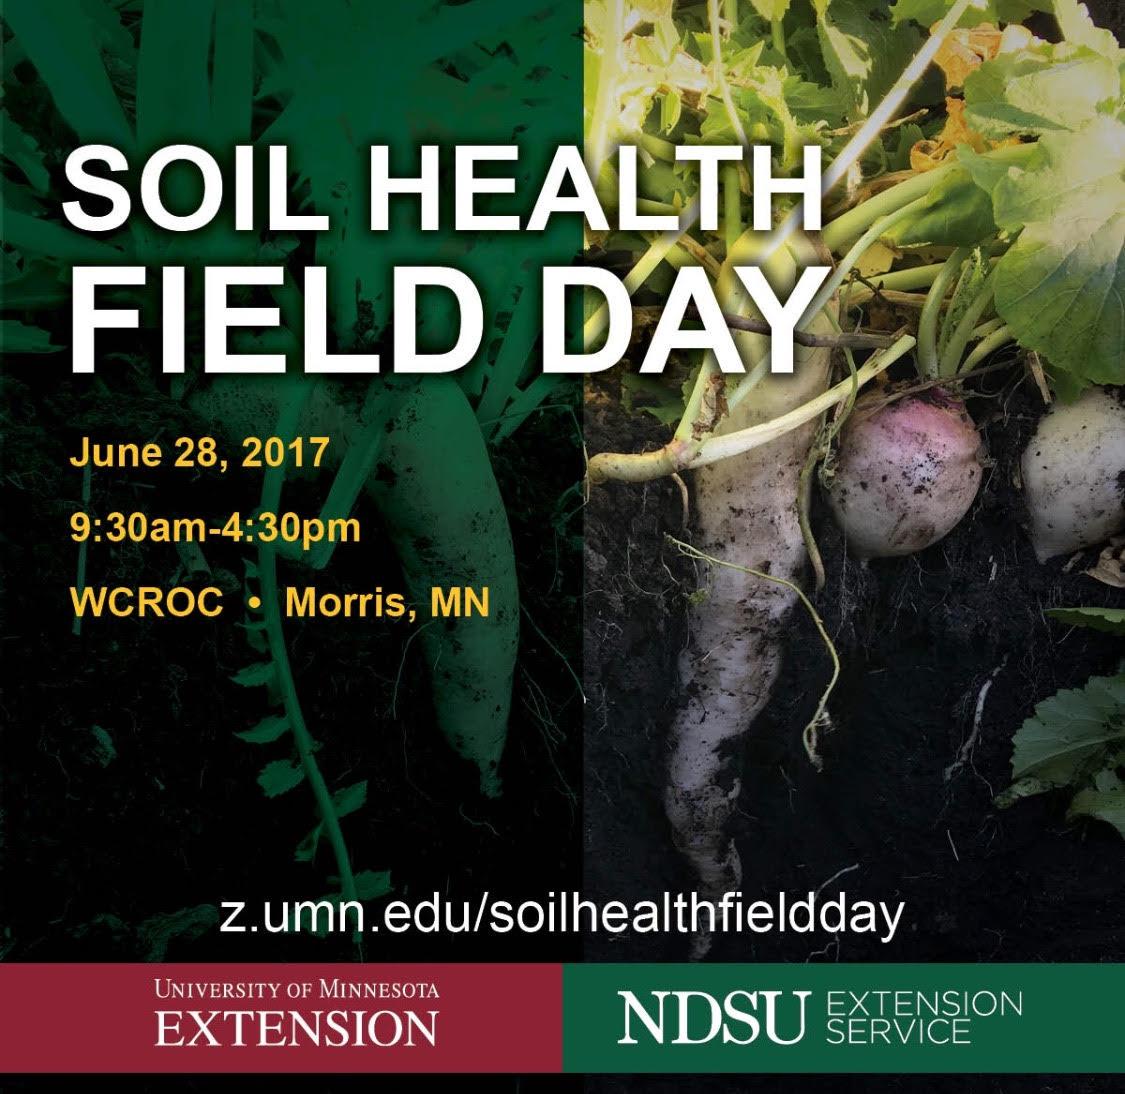 Soil Health Field Day | June 28, 2017 | Morris, MN @ West